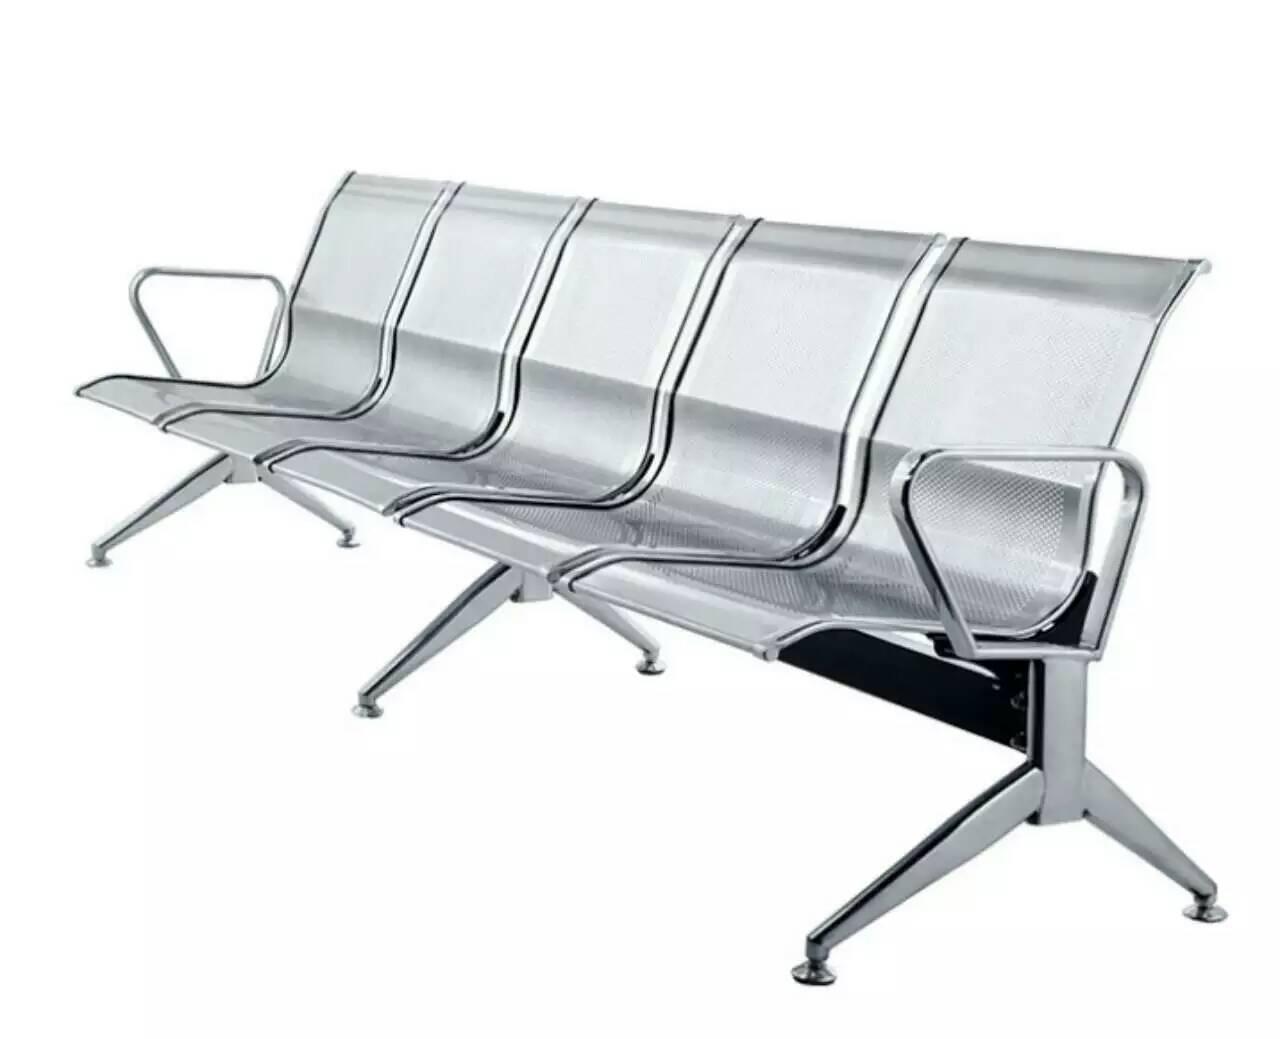 公共排椅图片、公共排椅、不锈钢排椅、公共连排椅27227575